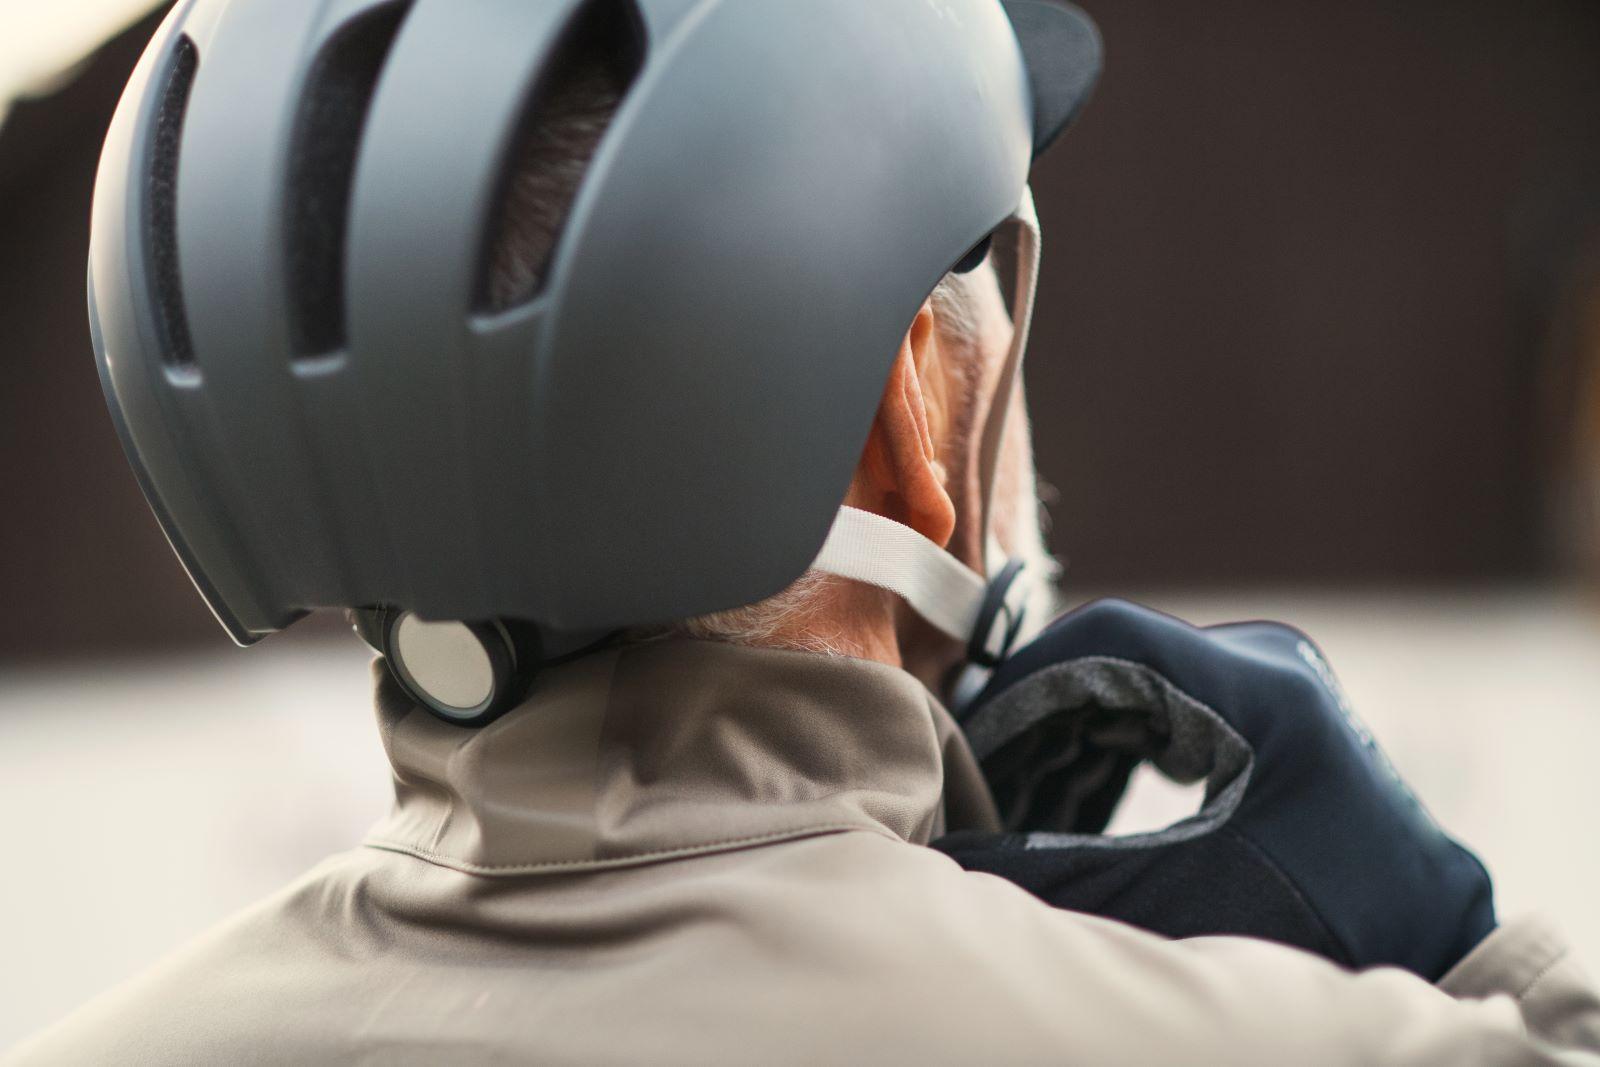 Wind-Blox-kypärän hihnan suojukset auttavat ratsastajia tuulettamaan hiljaisia ajoja